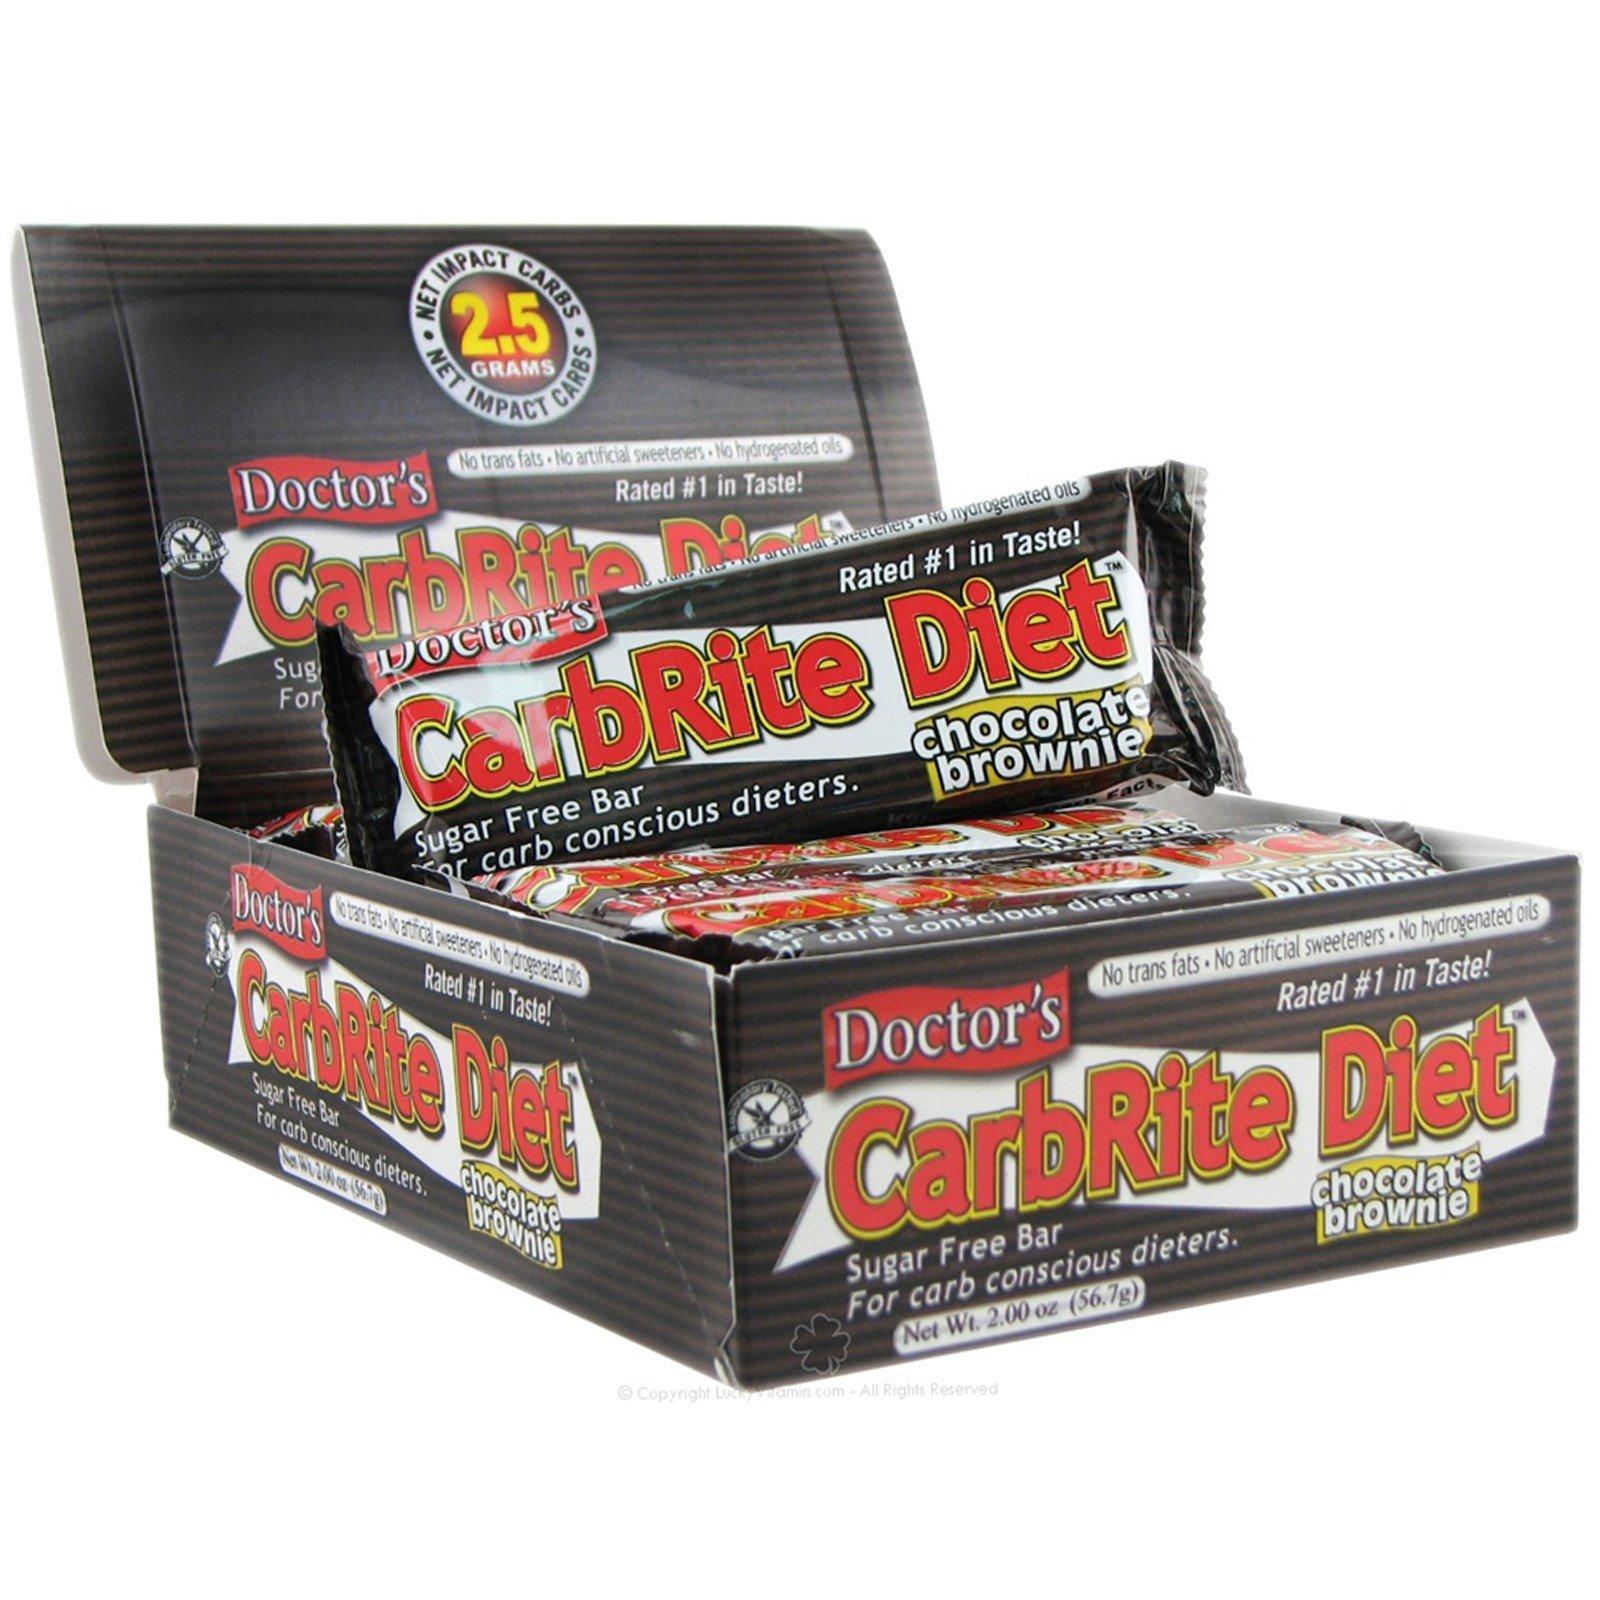 Universal Nutrition, Диетические батончики без сахара со вкусом шоколадного пирожного Doctor's CarbRite, 12 батончиков, 2 унции (56,7 г) каждый